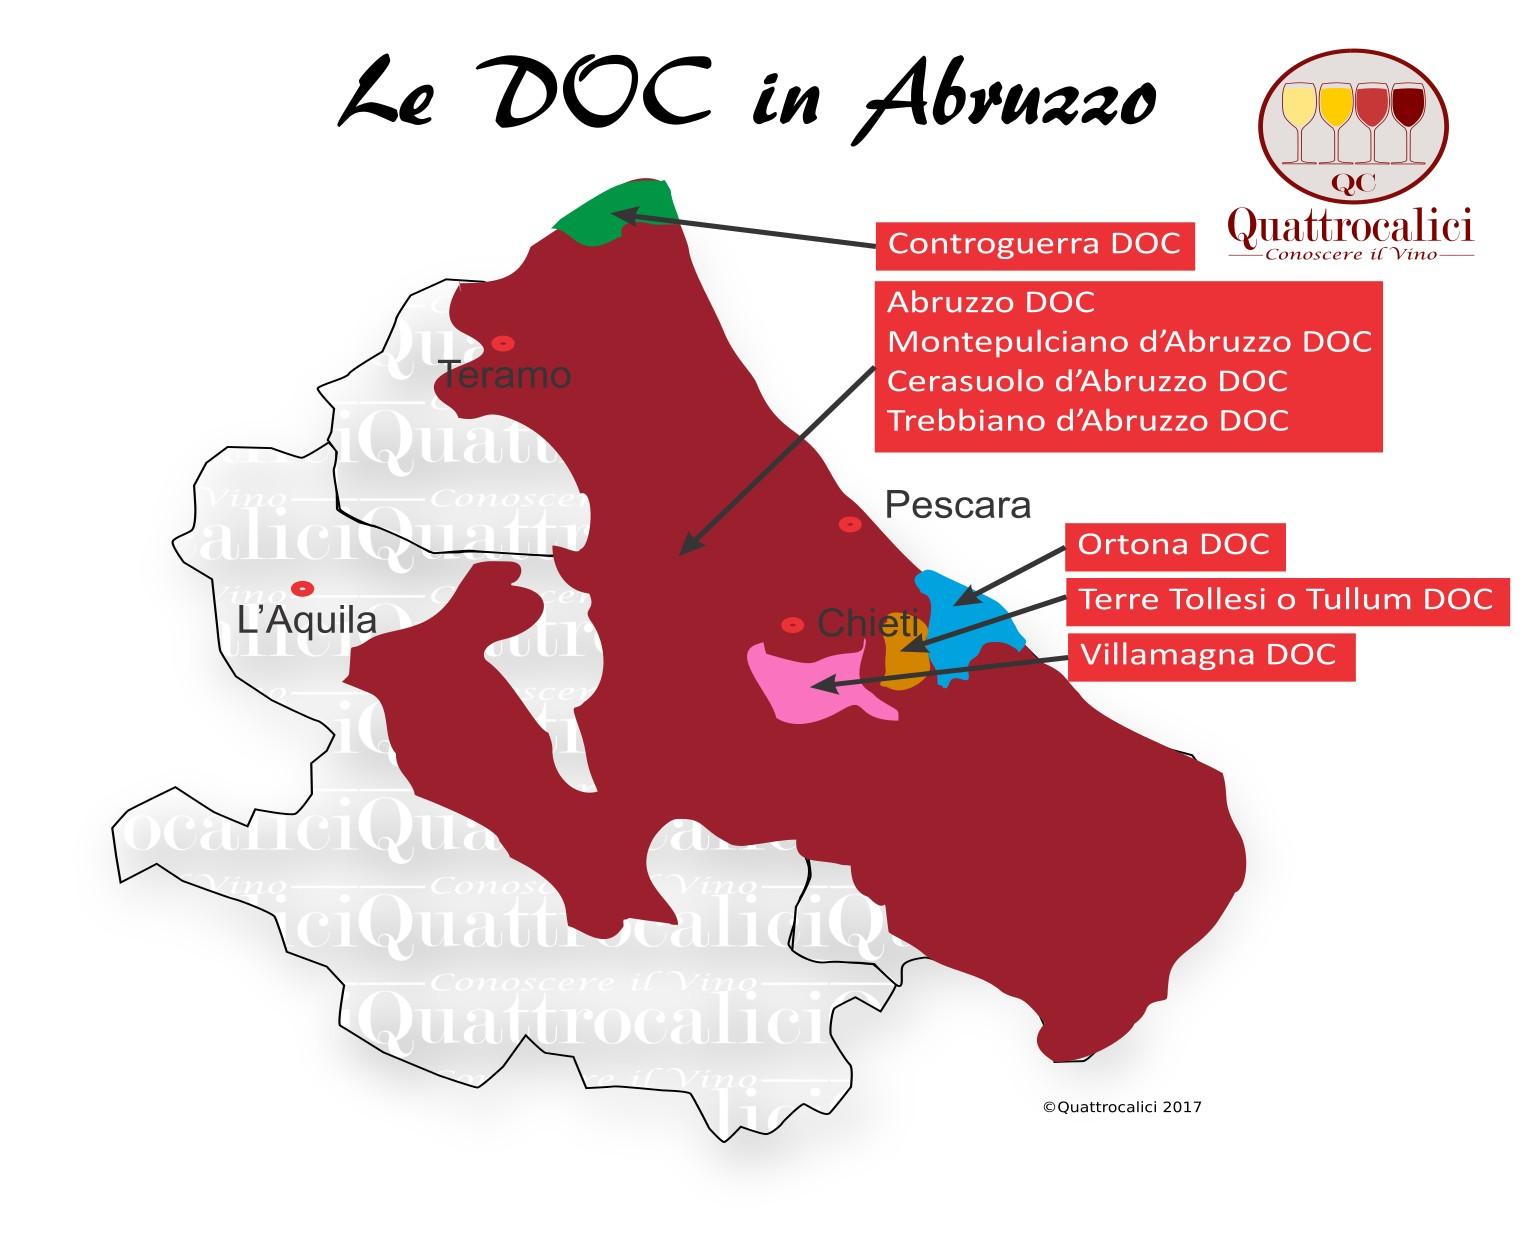 Mappa Denominzioni DOC Abruzzo